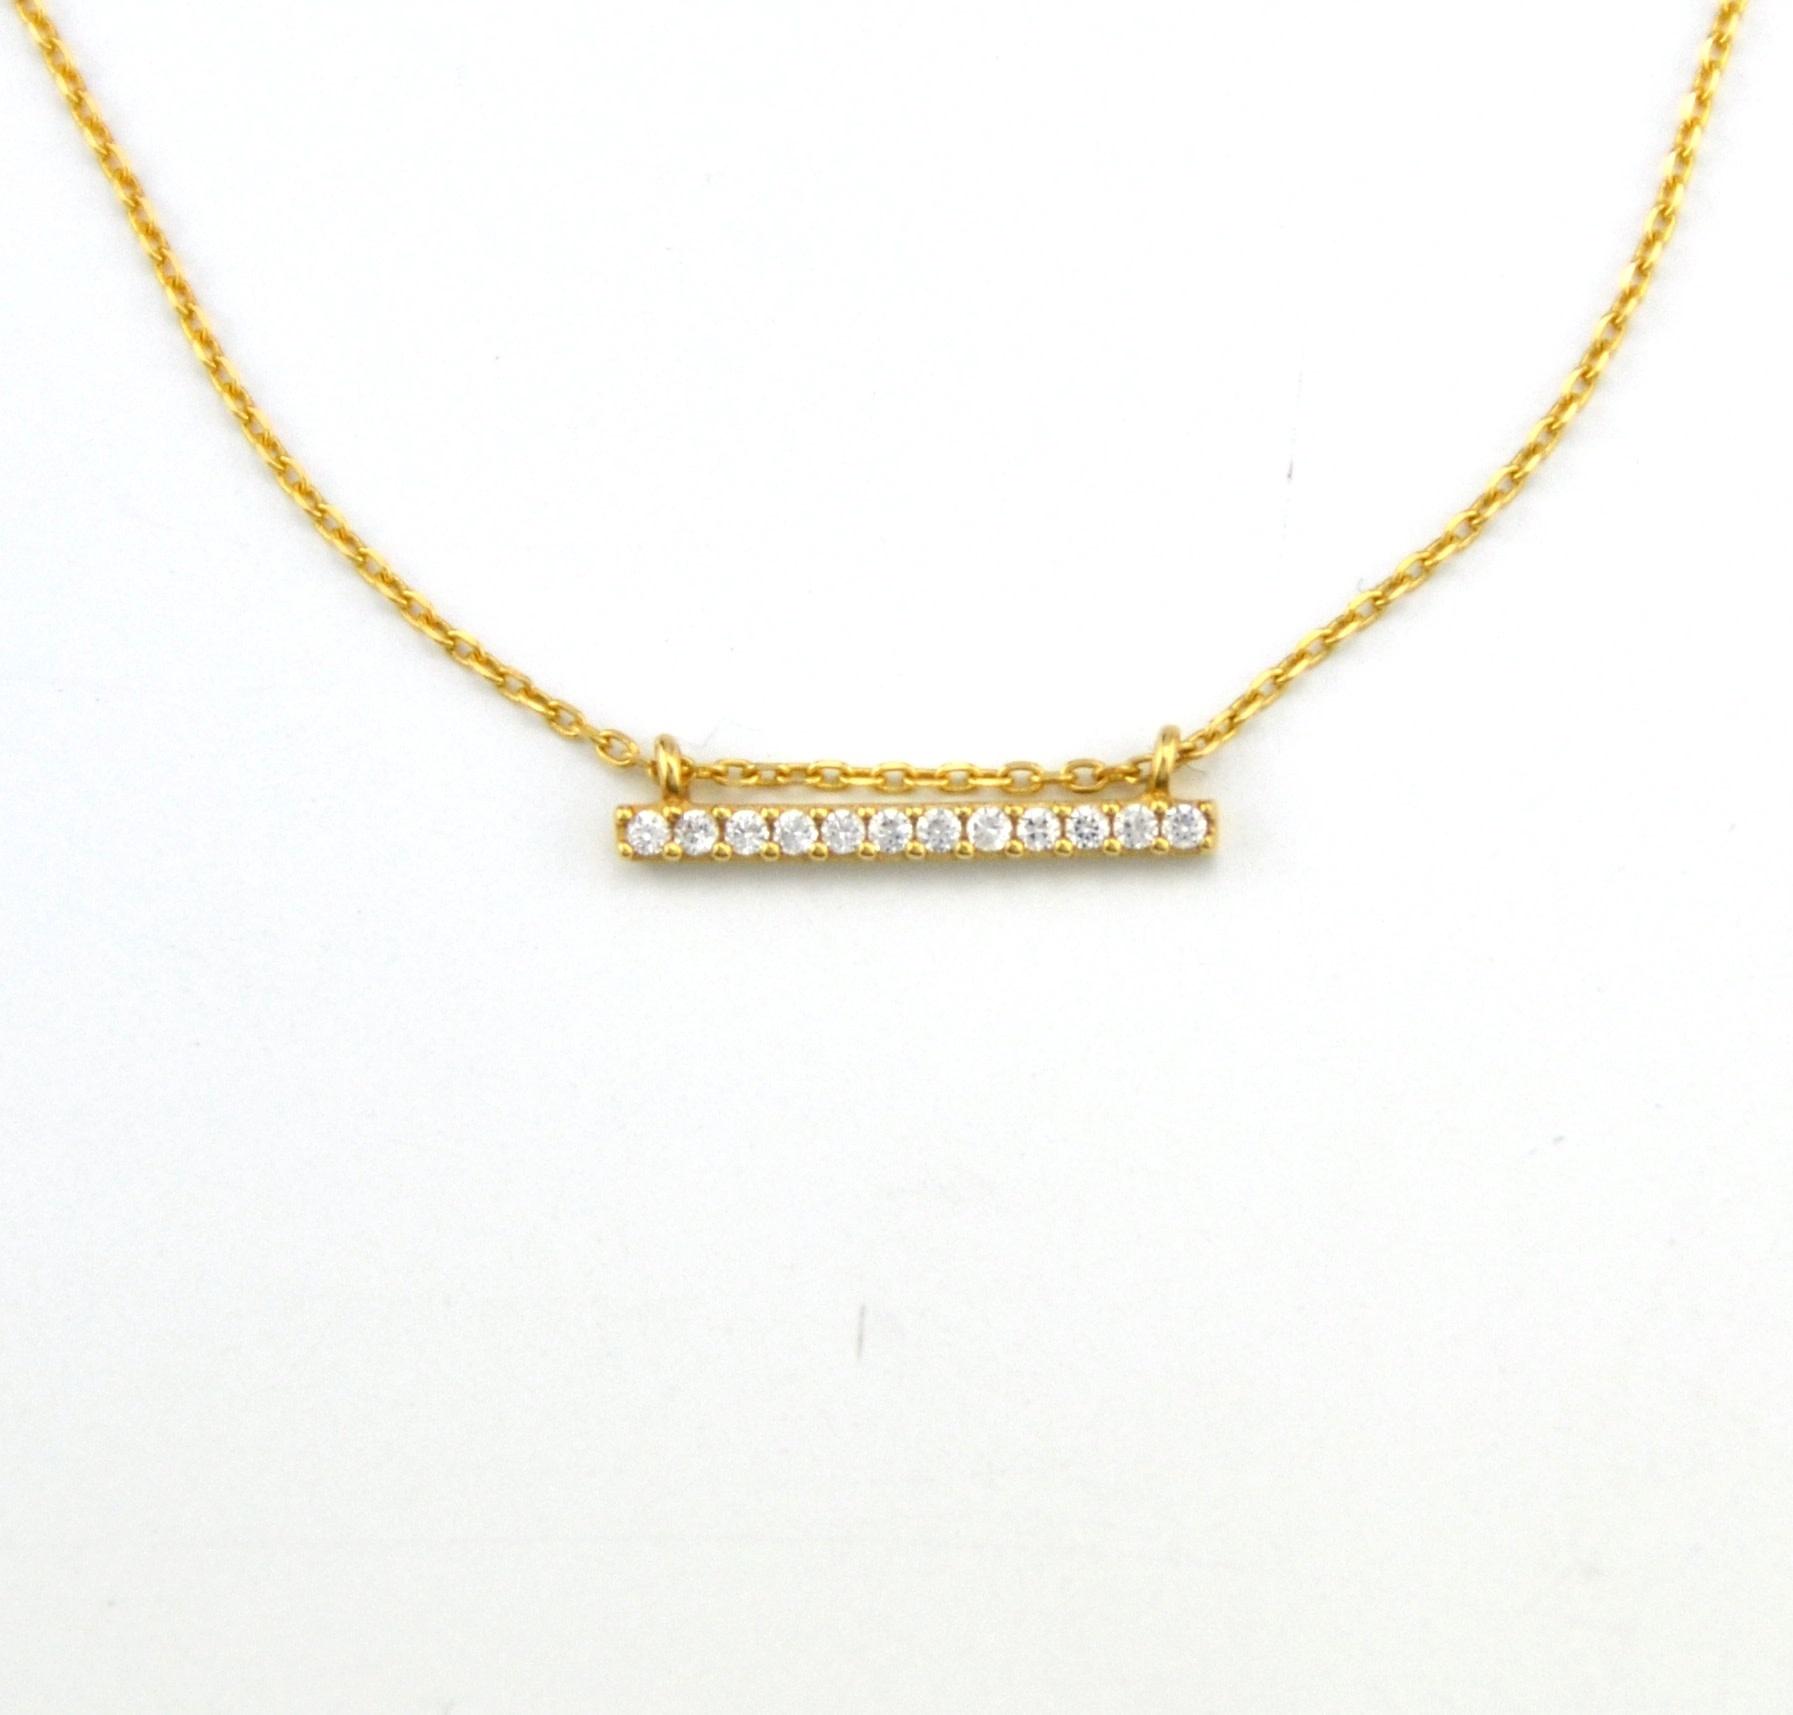 Tomylo 14 kt geelgouden ketting met zirkonia's 235291